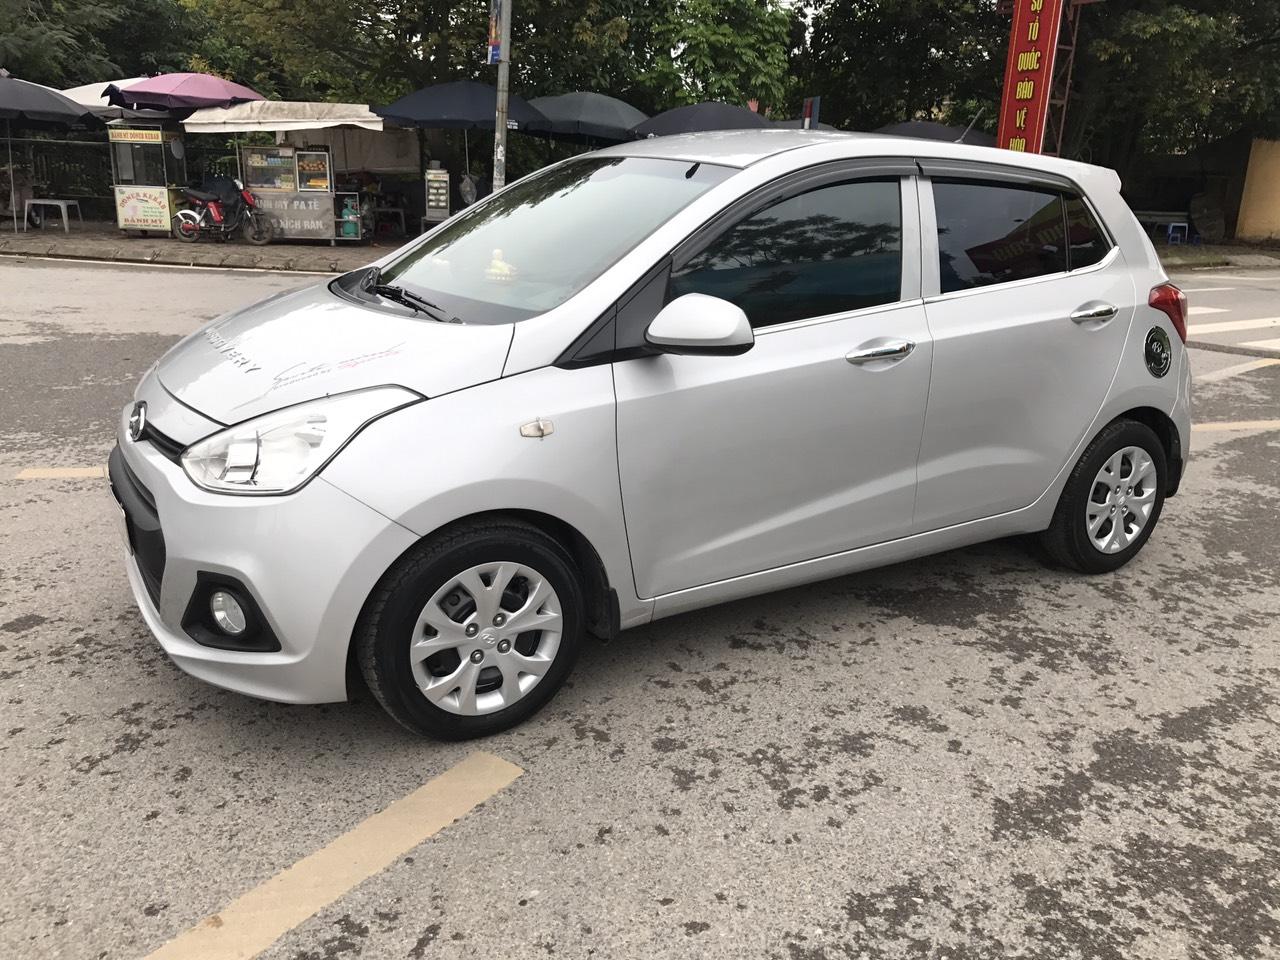 Hyundai Grand i10 1.0 MT sản xuất 2014, màu bạc, nhập khẩu. Xe Tuyển